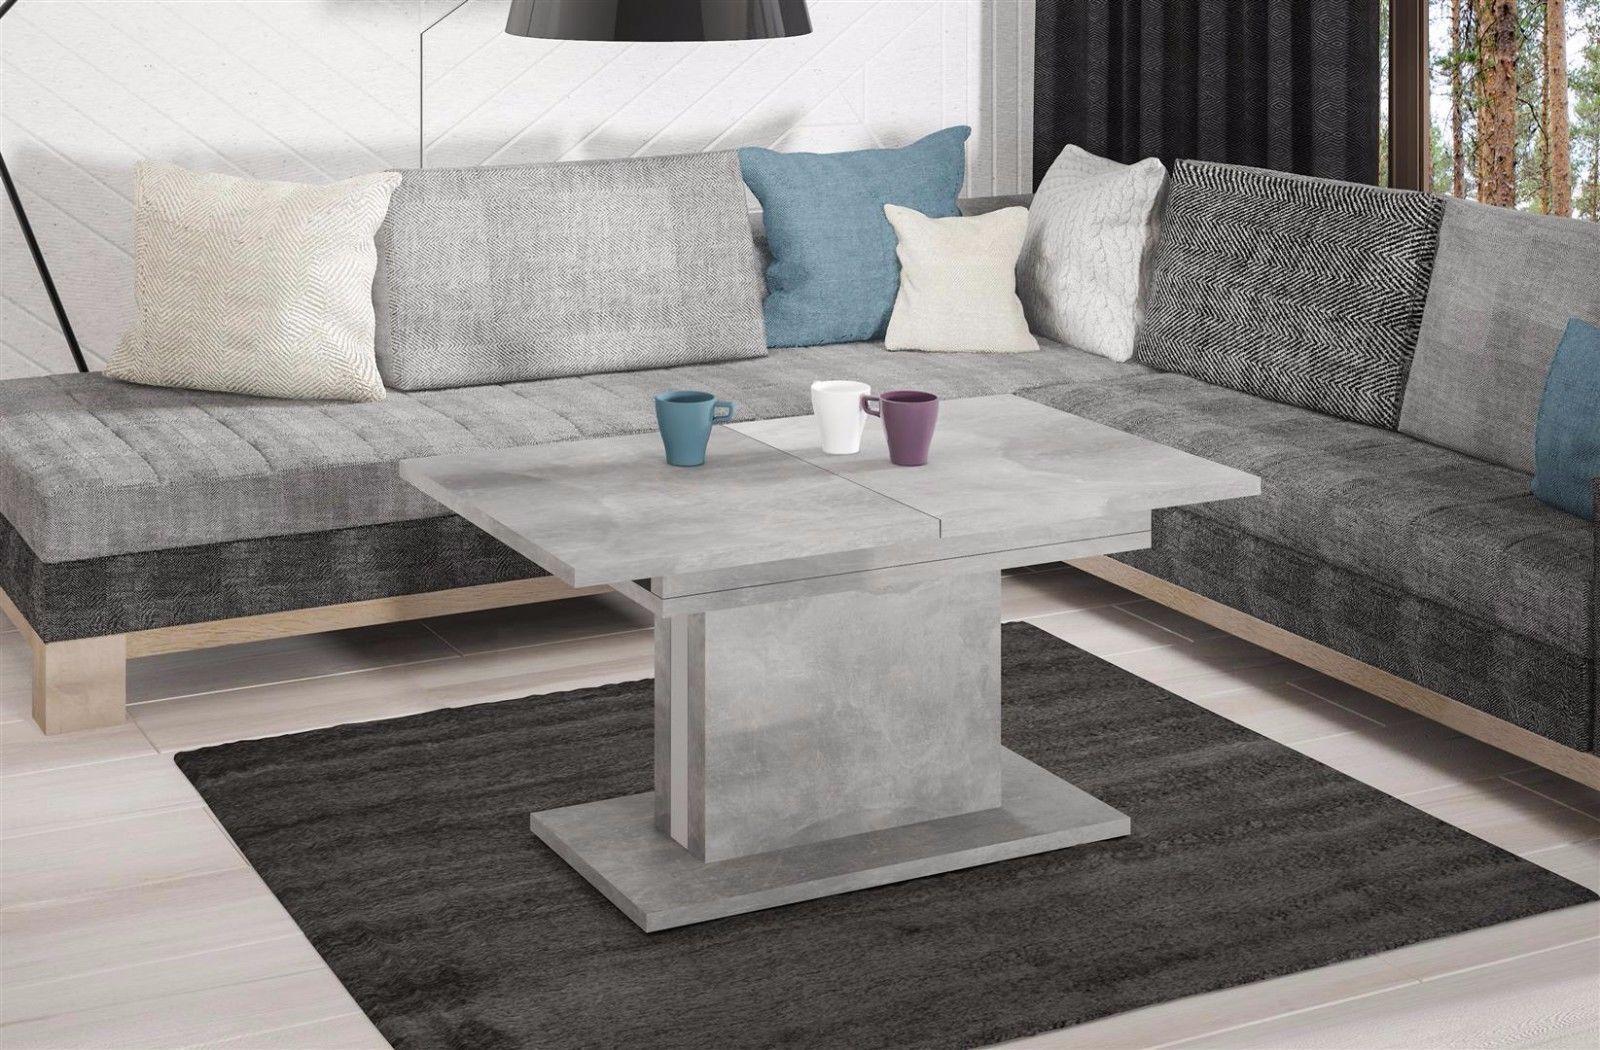 beton wohnzimmertisch | wohnzimmer ideen - Beton Wohnzimmertisch